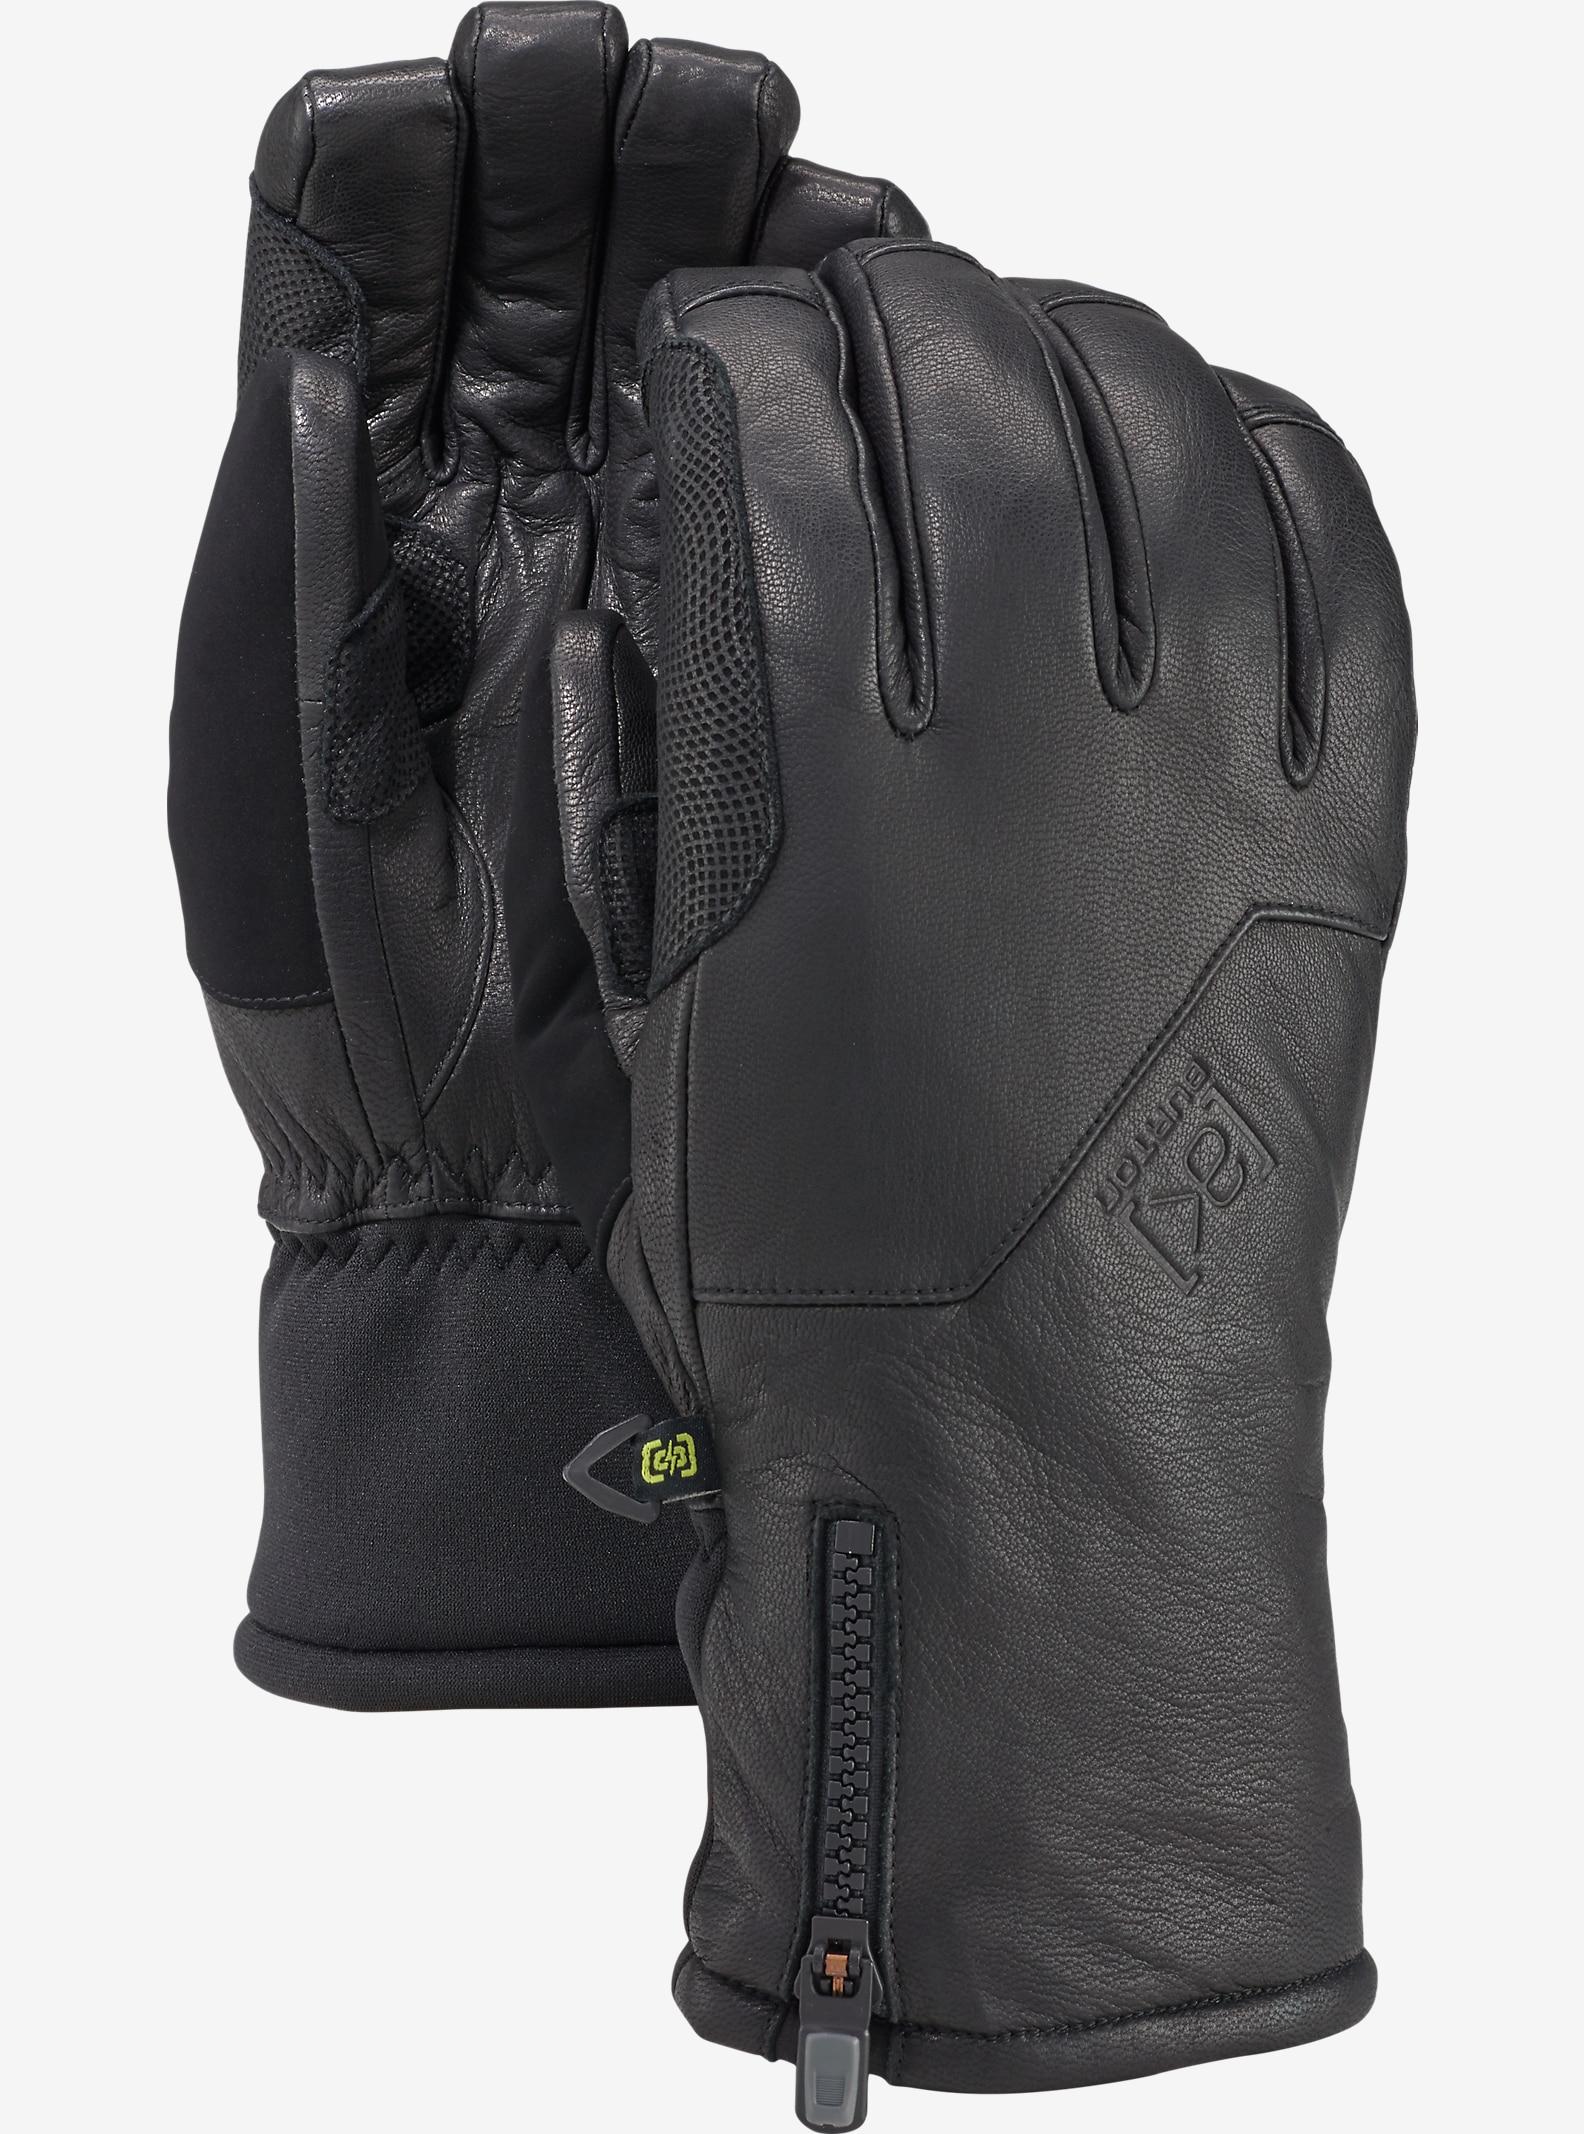 Burton [ak] Guide Glove shown in True Black